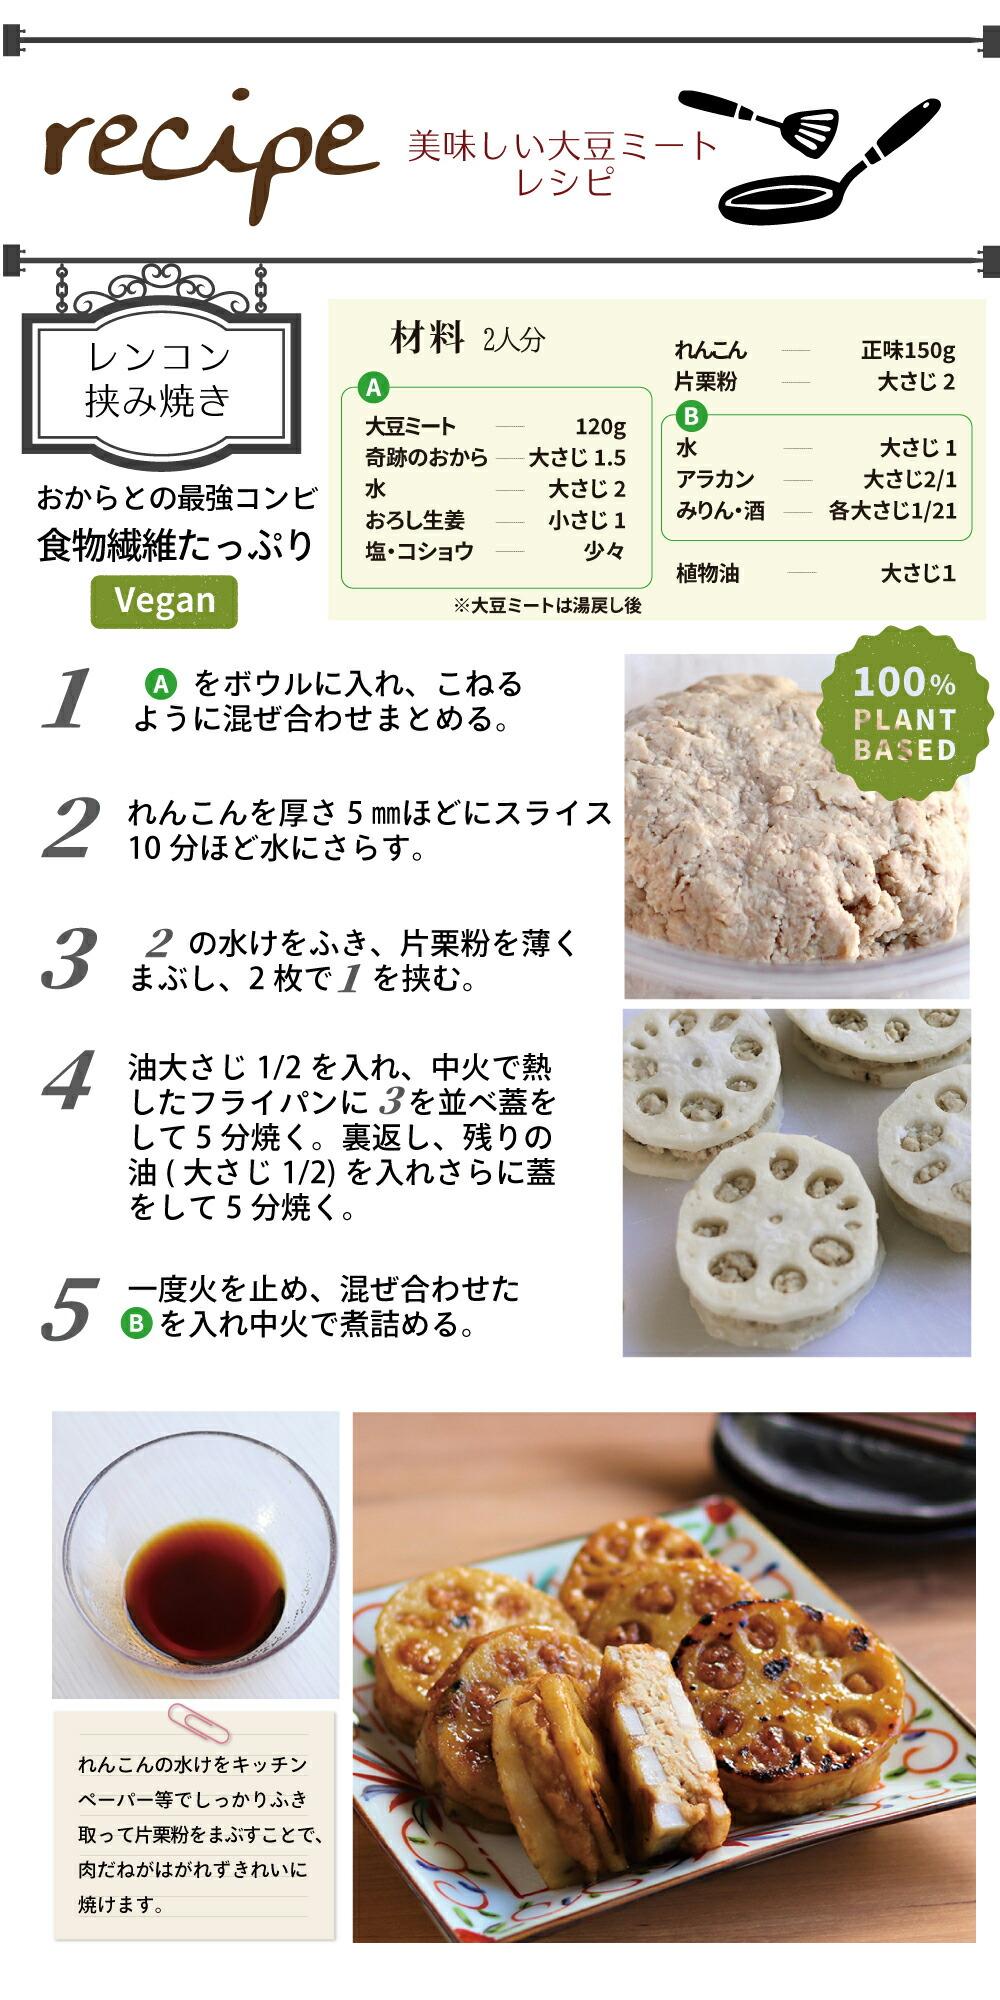 北海道産 国産大豆ミート 粗挽き ひき肉タイプ レシピ